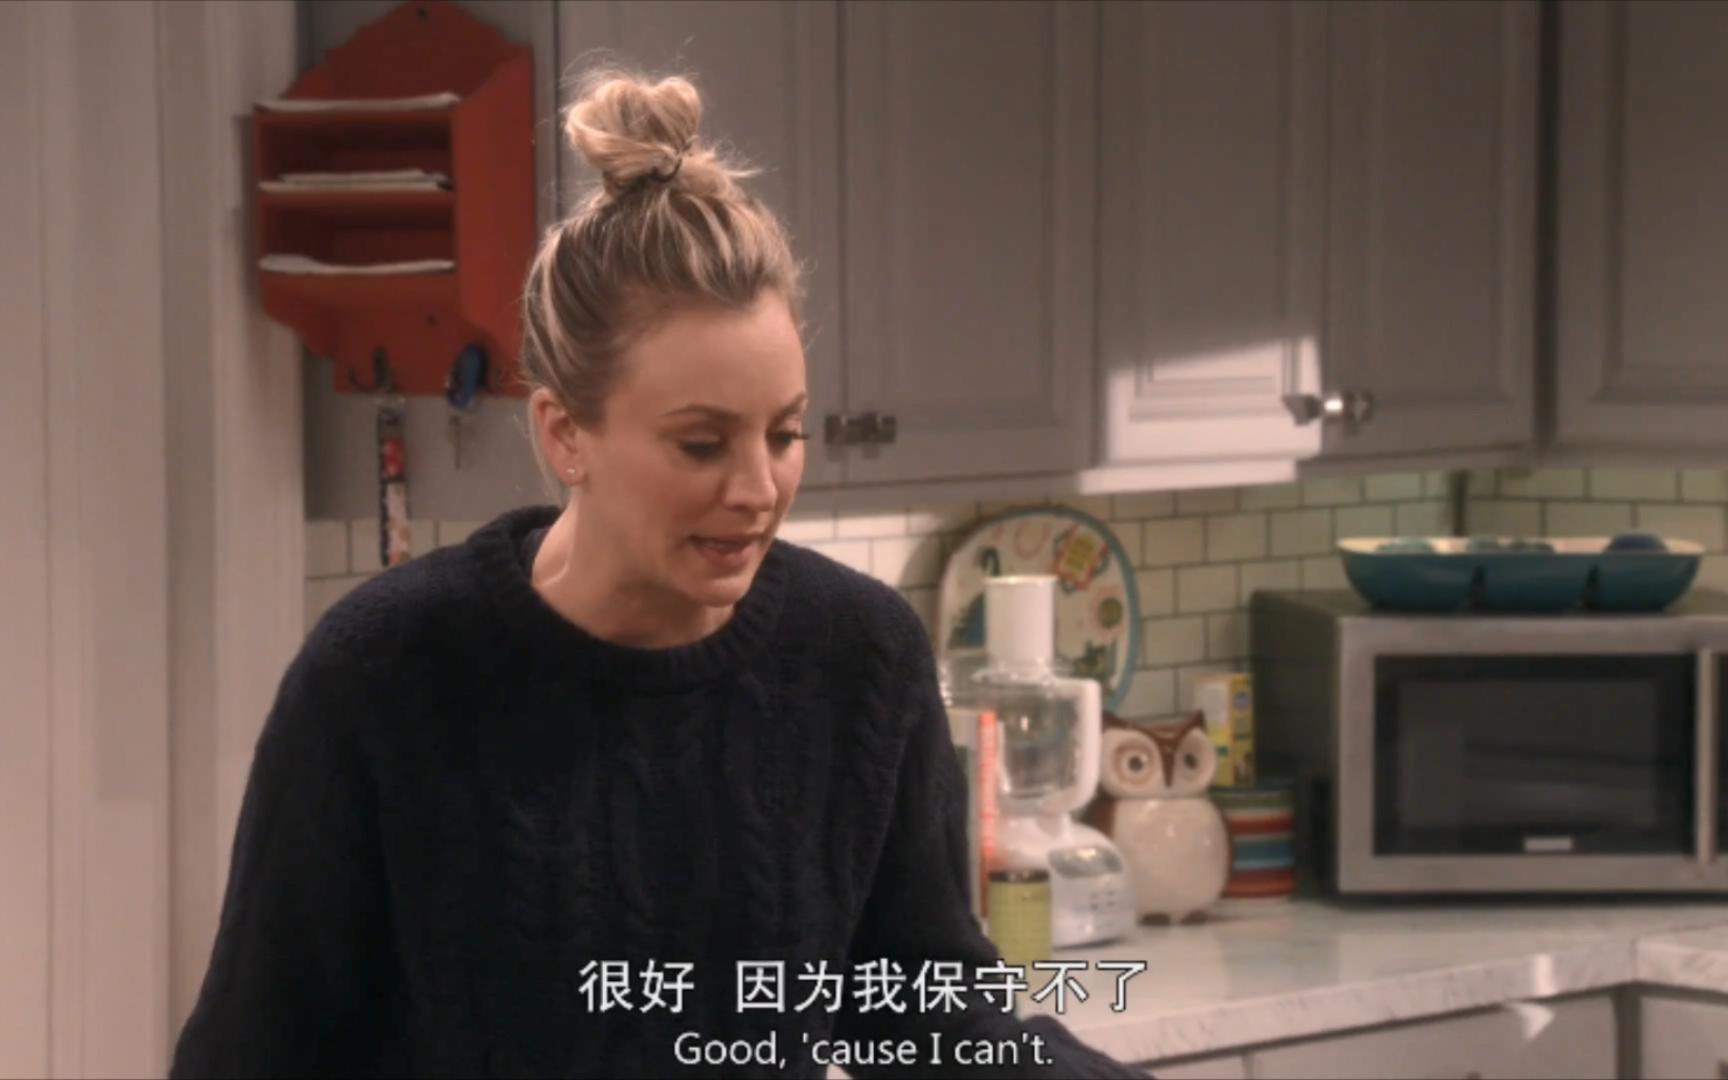 【TBBT】佩妮:保守秘密什么的,我最在行啦!不愧是有其子必有其母